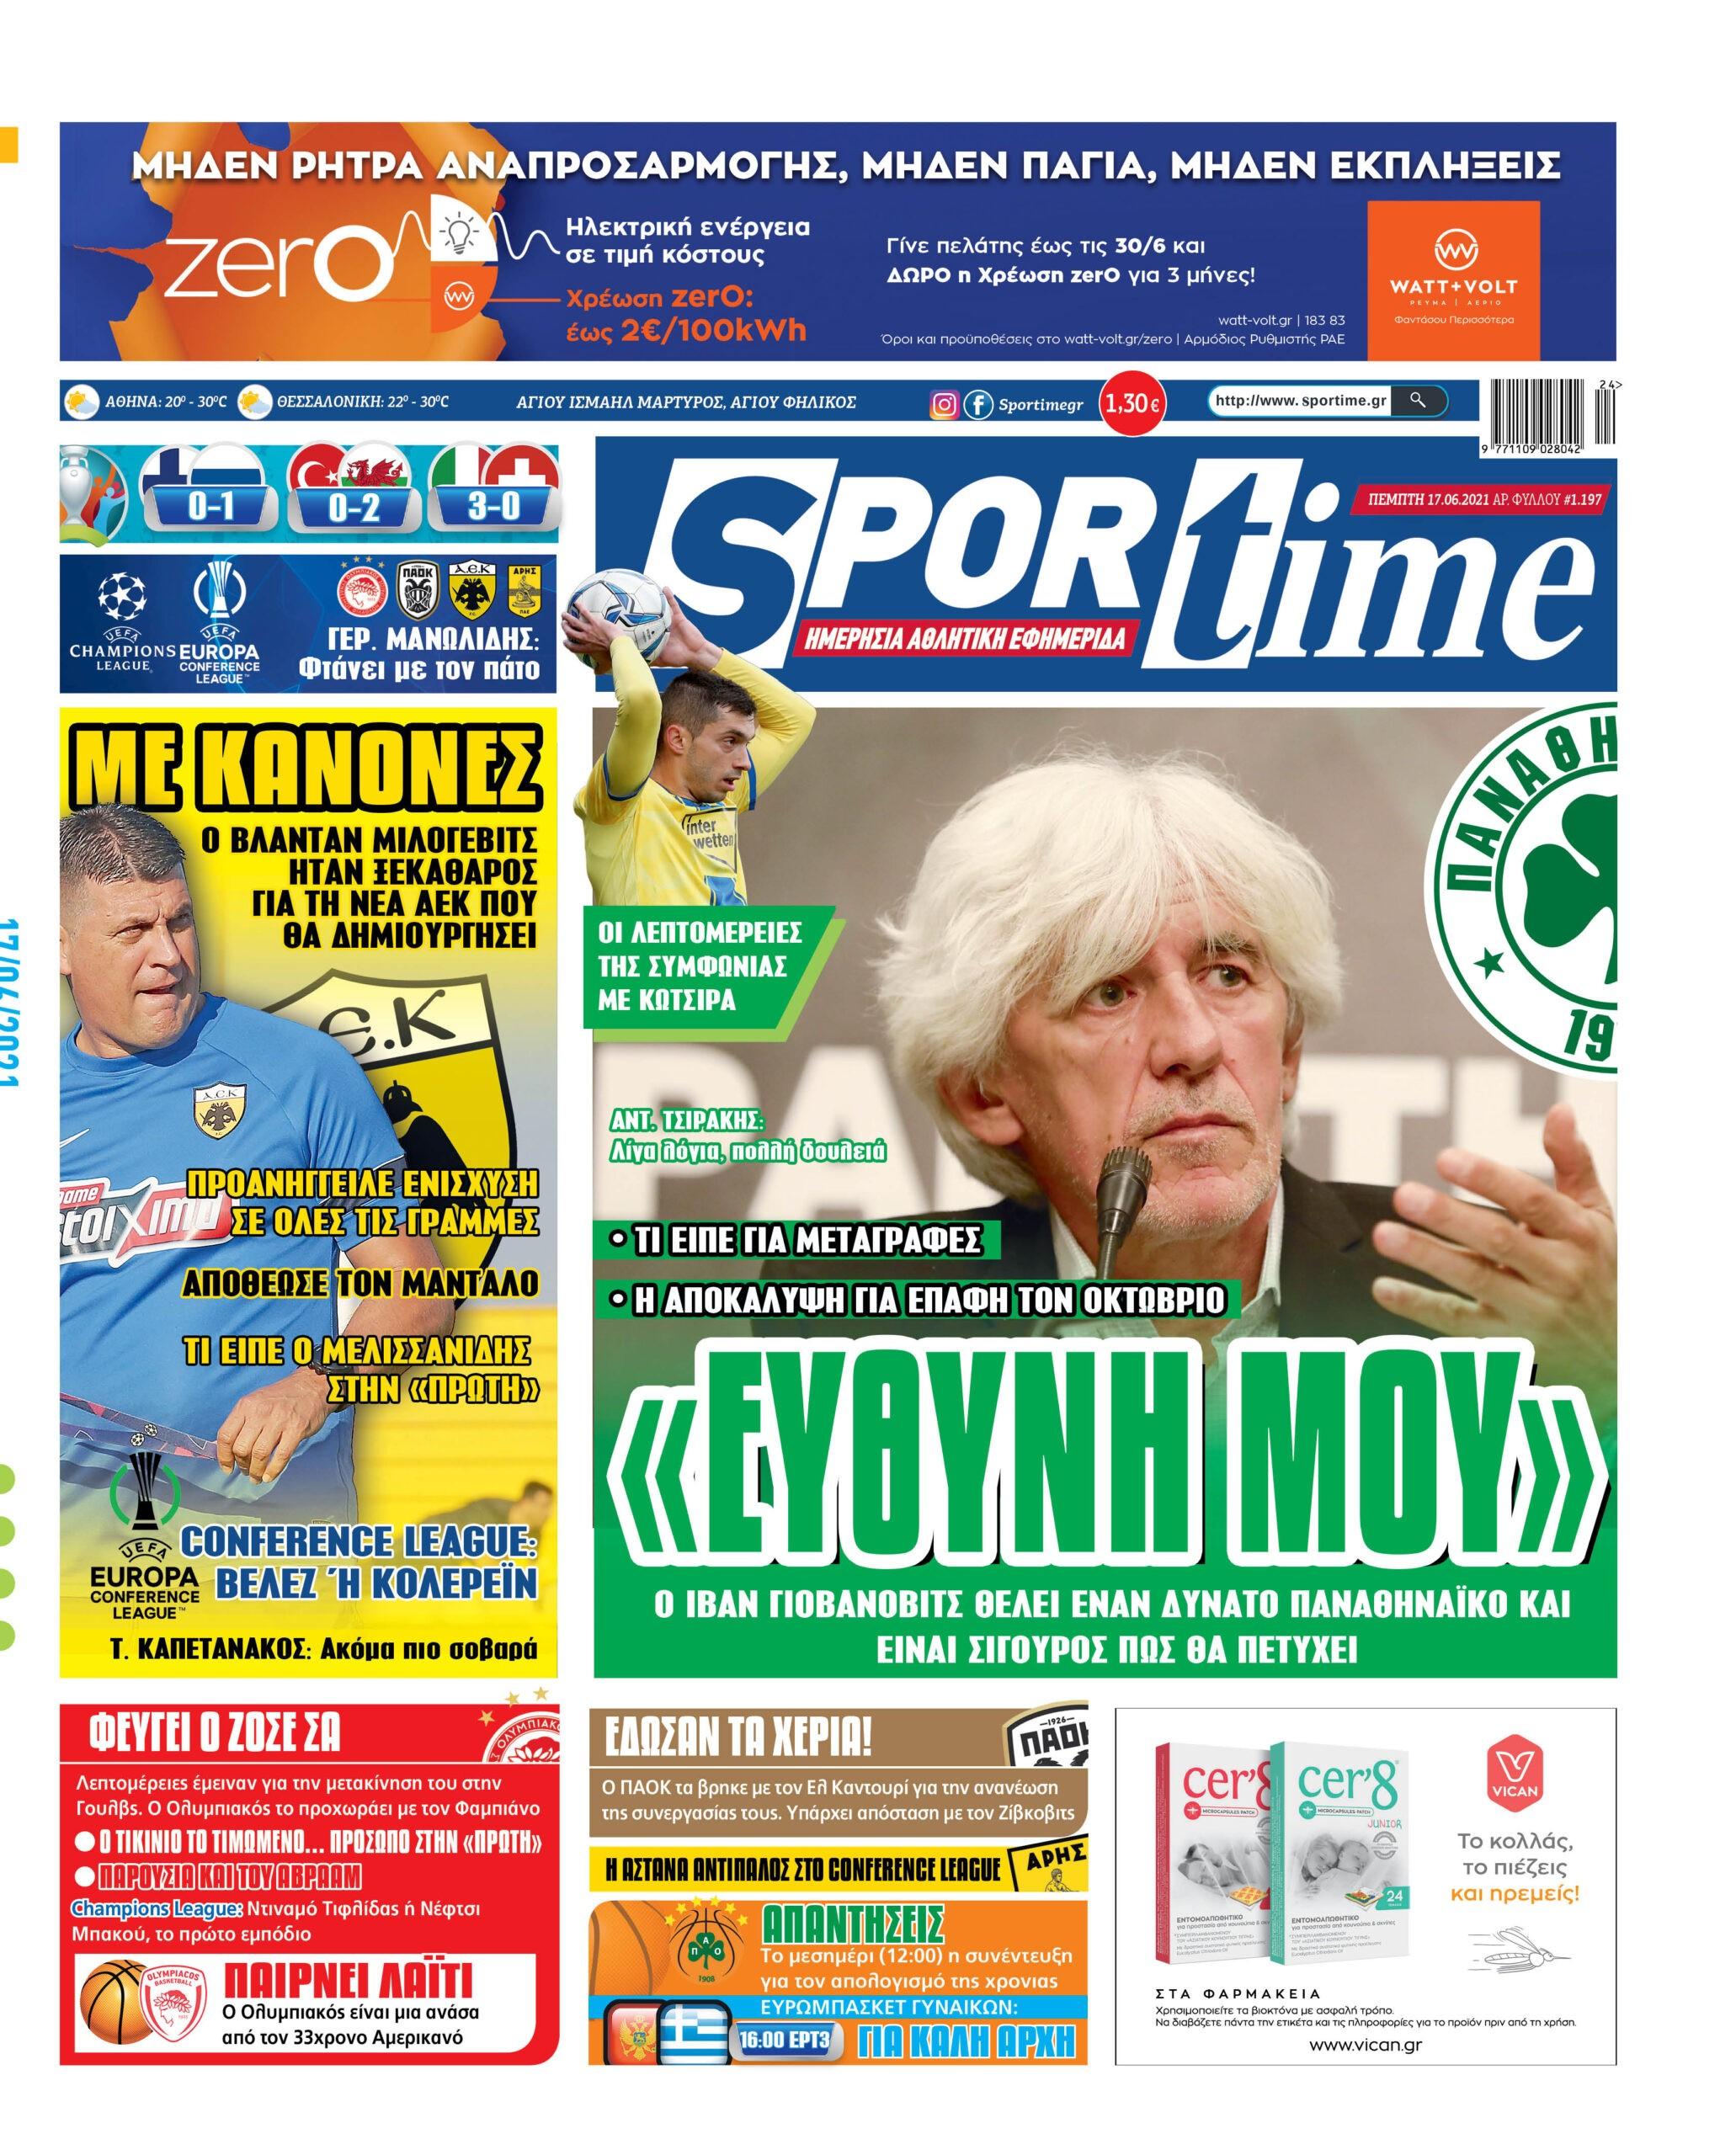 Εφημερίδα SPORTIME - Εξώφυλλο φύλλου 17/6/2021